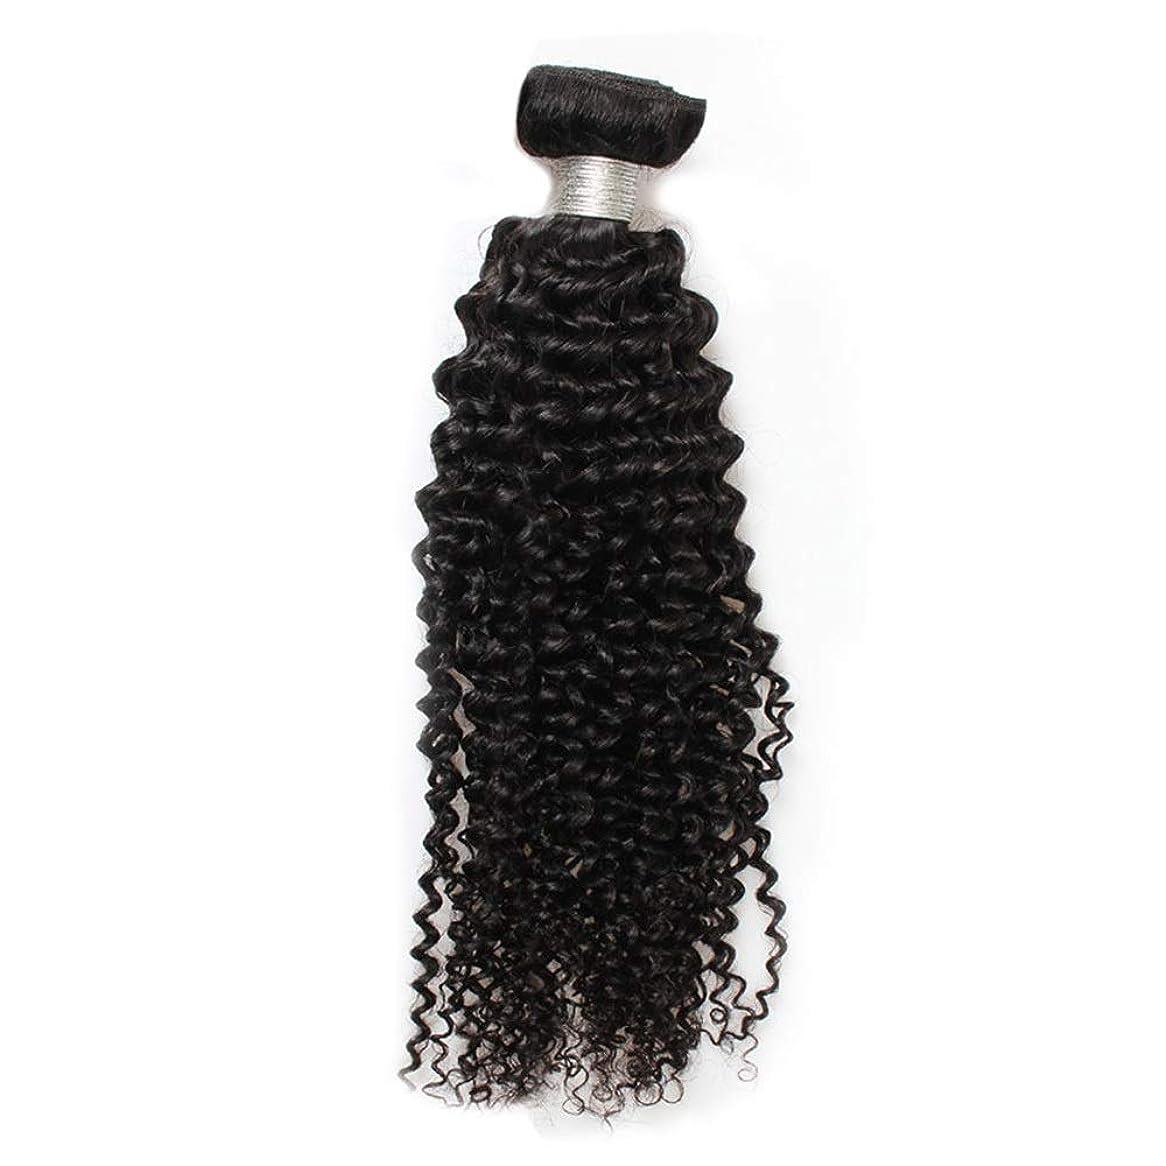 サスペンド踏み台村YESONEEP 8aブラジル巻き毛バンドル人間の毛髪1バンドルナチュラルカラーロールプレイングかつら女性のかつら (色 : 黒, サイズ : 26 inch)